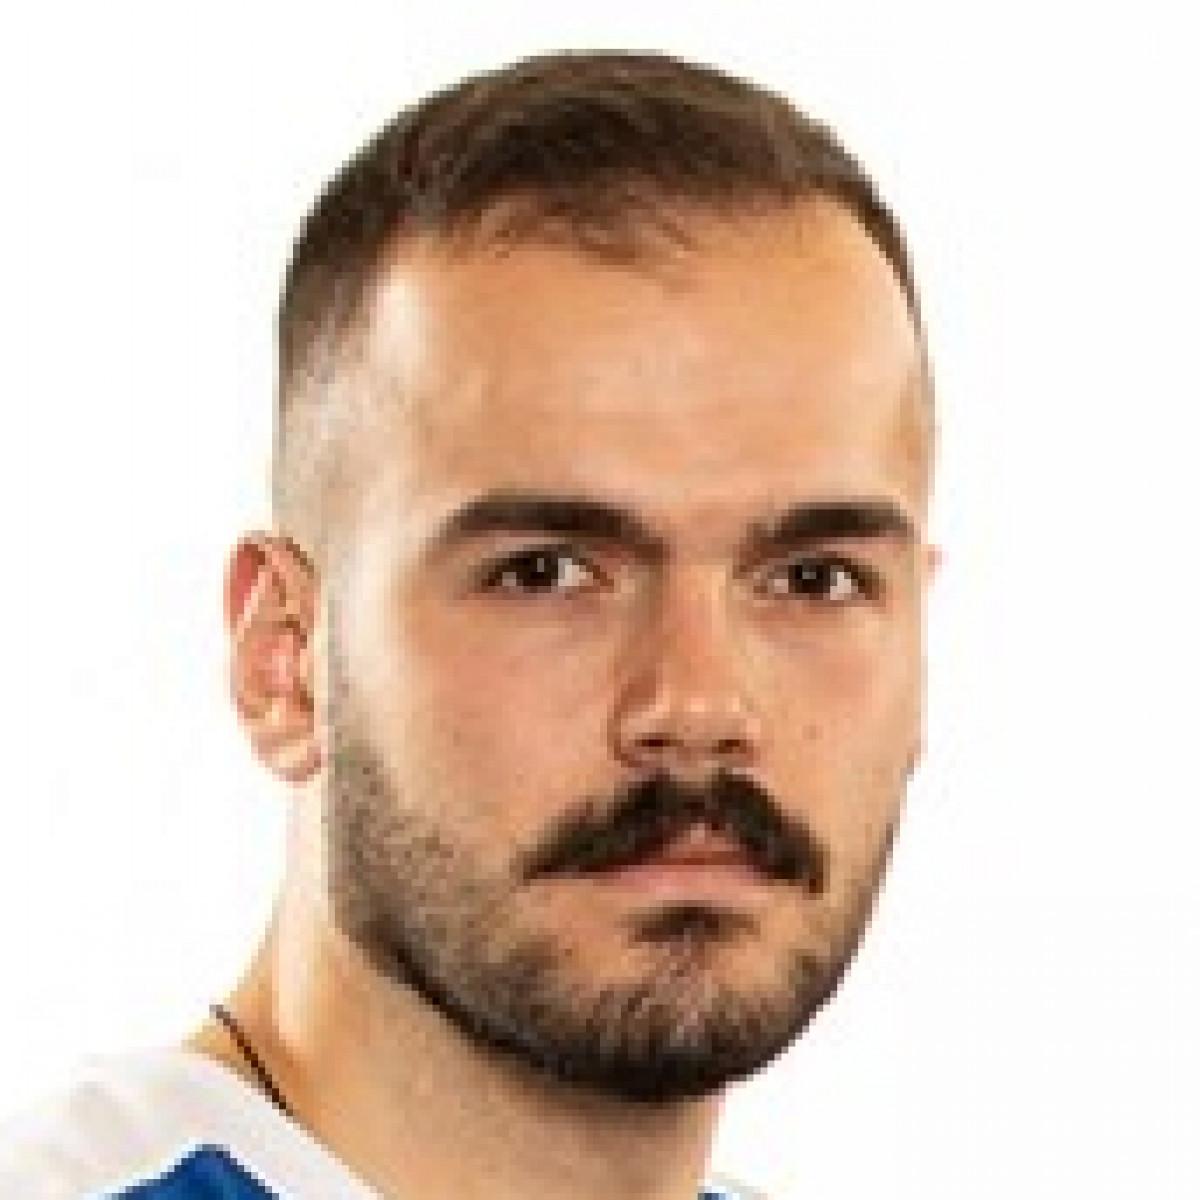 Konstantinos Kampouridis